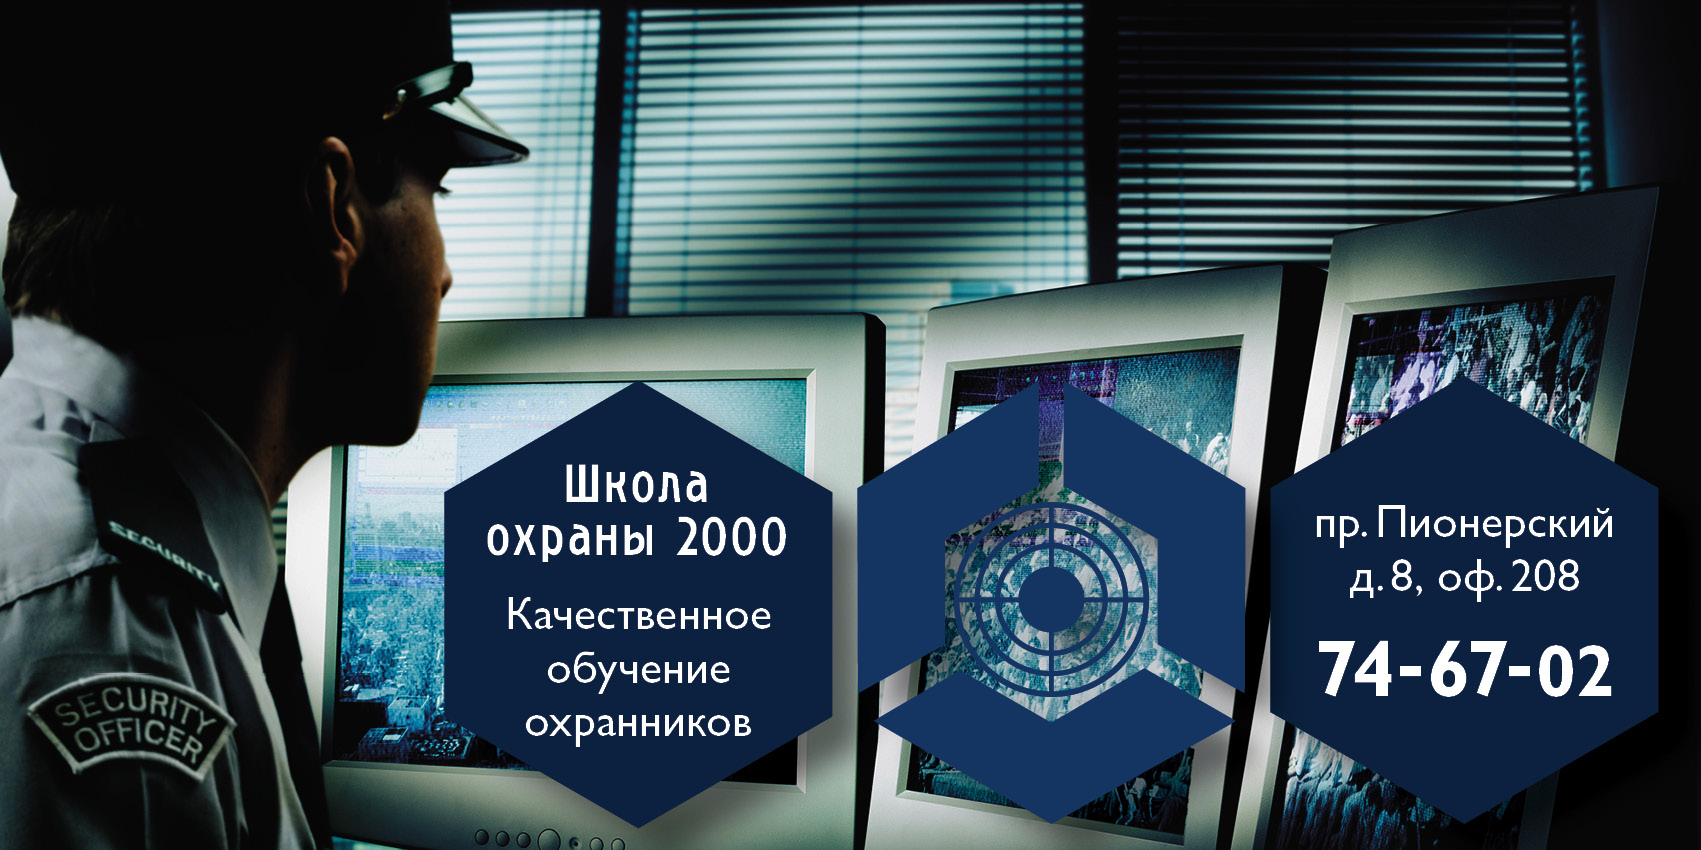 Билборды: Школа охраны 2000